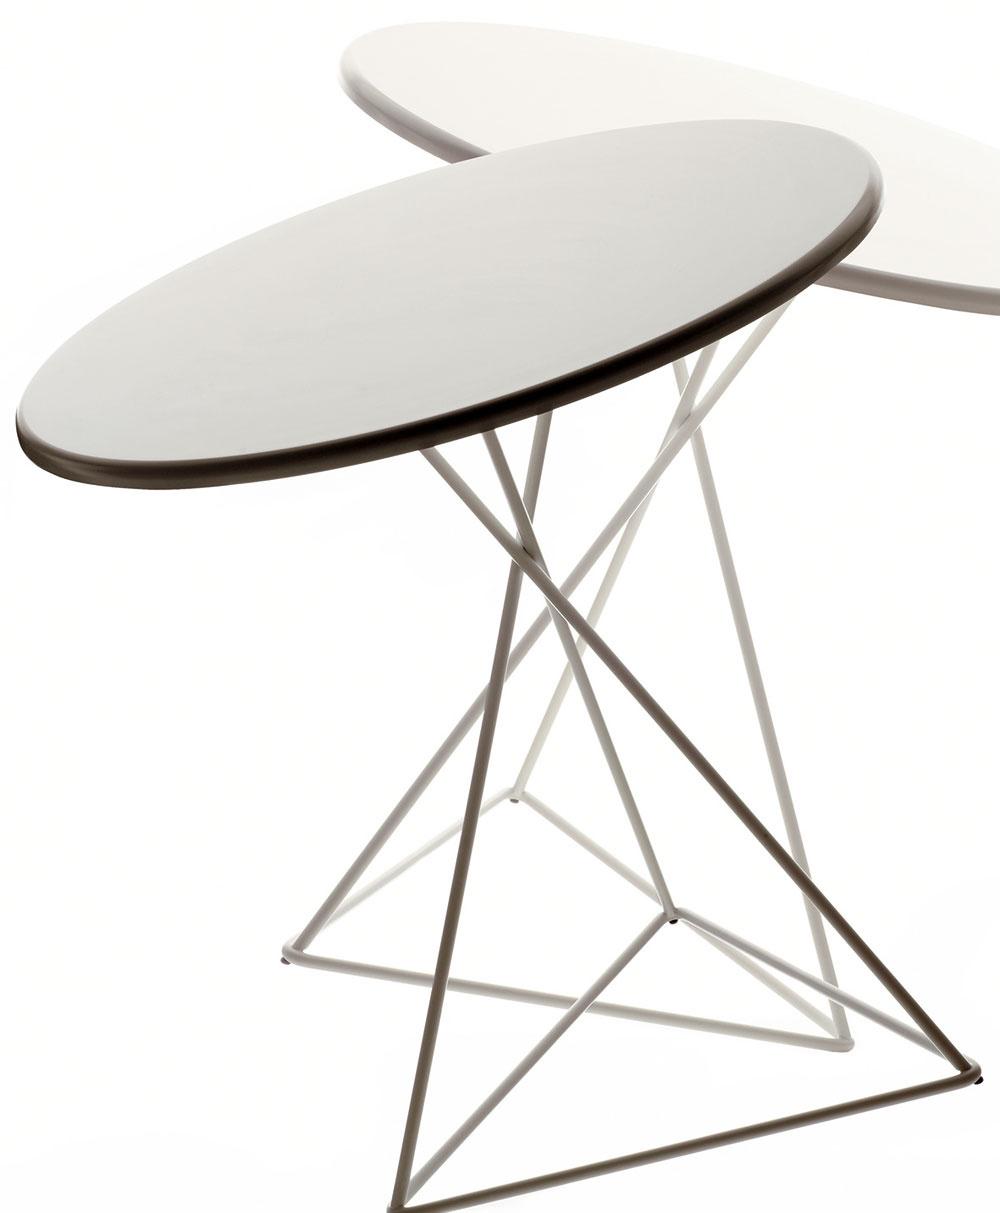 Kruhový stôl potrebuje najviac miesta, zároveň je však aj najelegantnejší. Ak túžite po jeho elegancii vmalej kuchyni, vyberte si subtílnejší avo svetlých farbách.